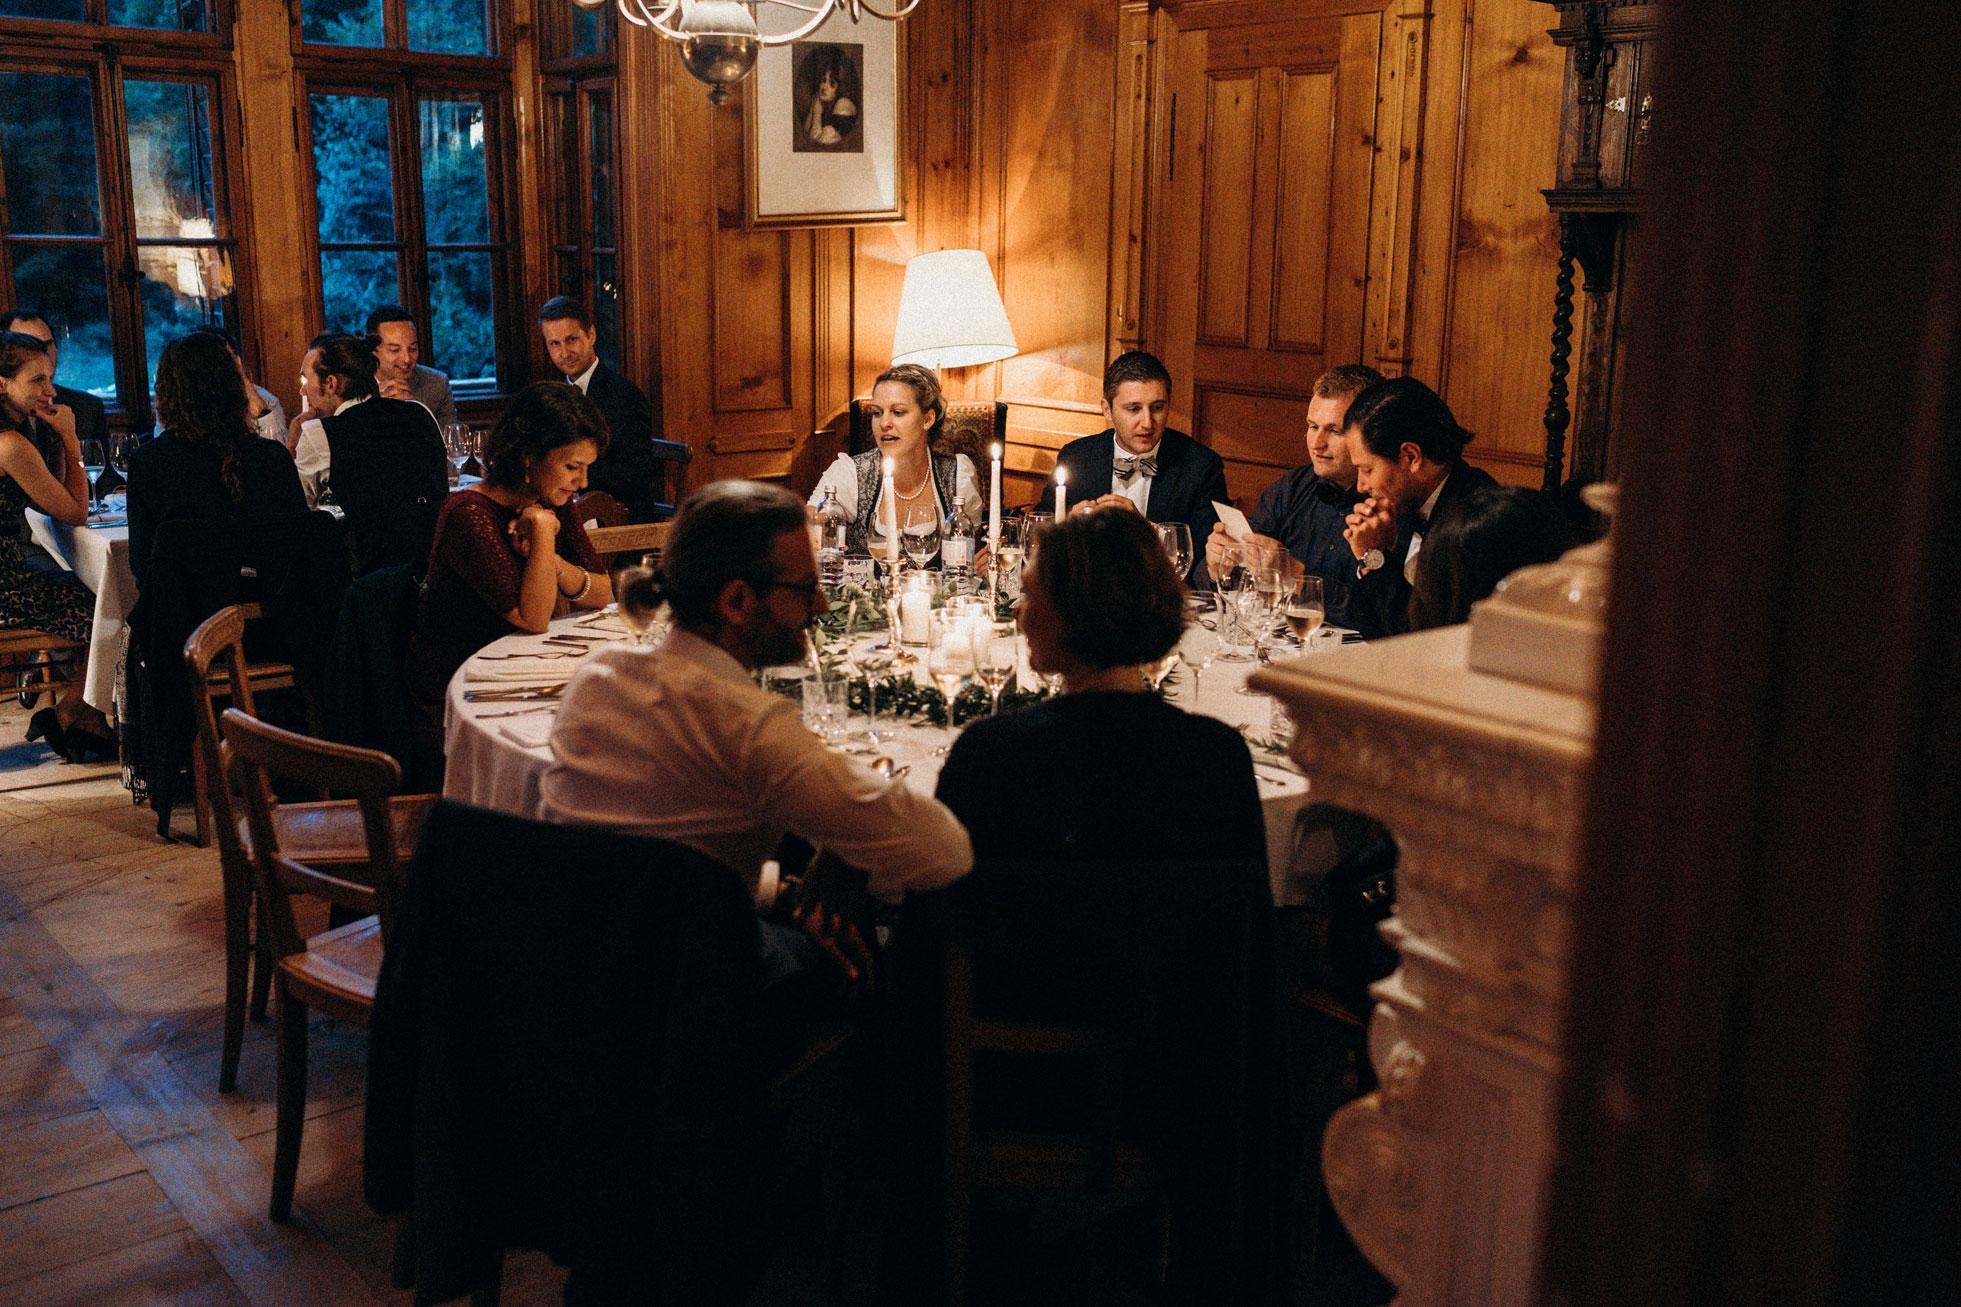 Hochzeit_Claire_Manuel_Villa_Maund_Daniel_Jenny-521.jpg